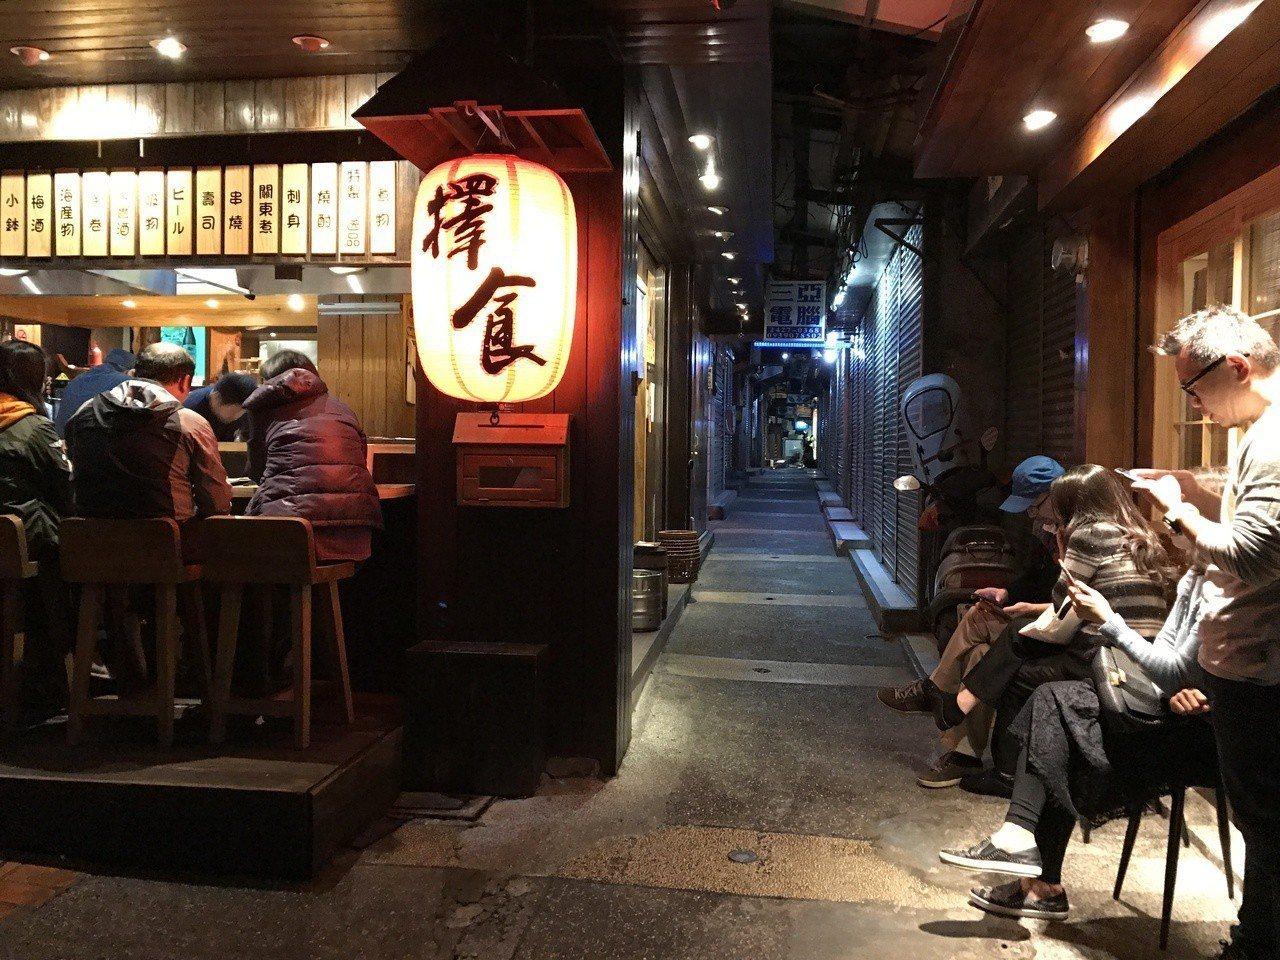 許多人知道擇食居酒屋、丸角咖啡等人氣店家,但不知道再往巷內走就是委託行聚落。記者...